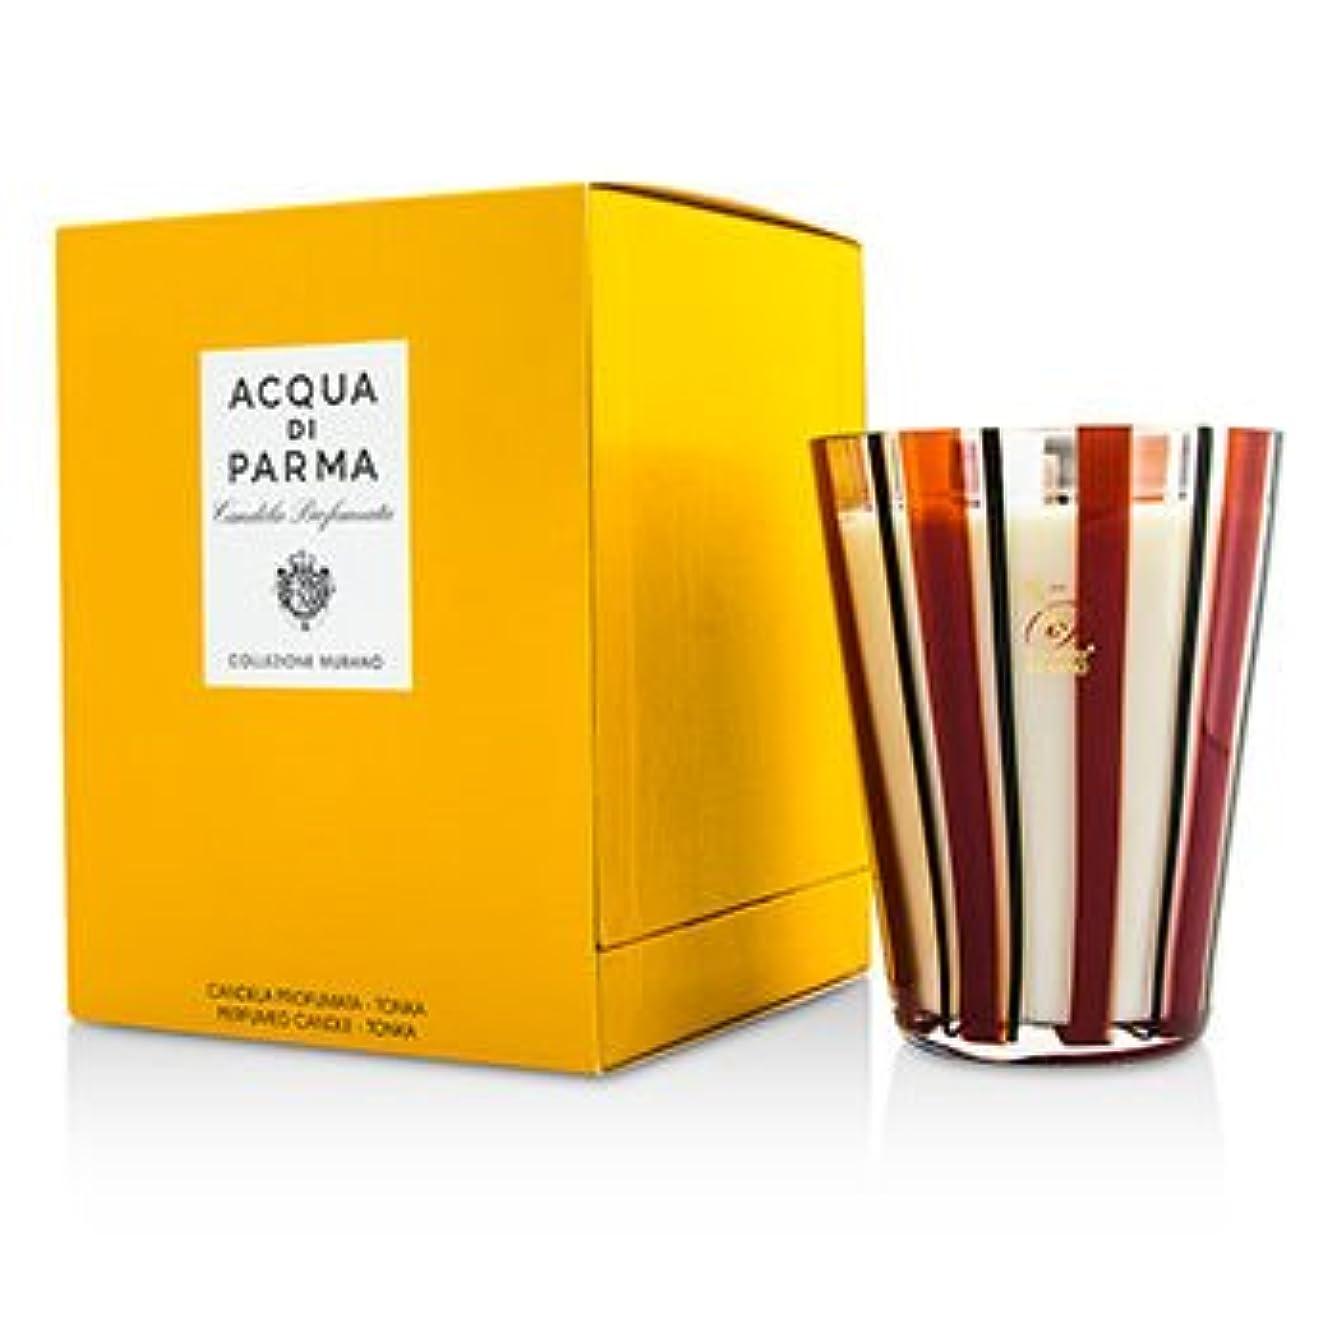 定刻過言事実[Acqua Di Parma] Murano Glass Perfumed Candle - Tonka 200g/7.05oz